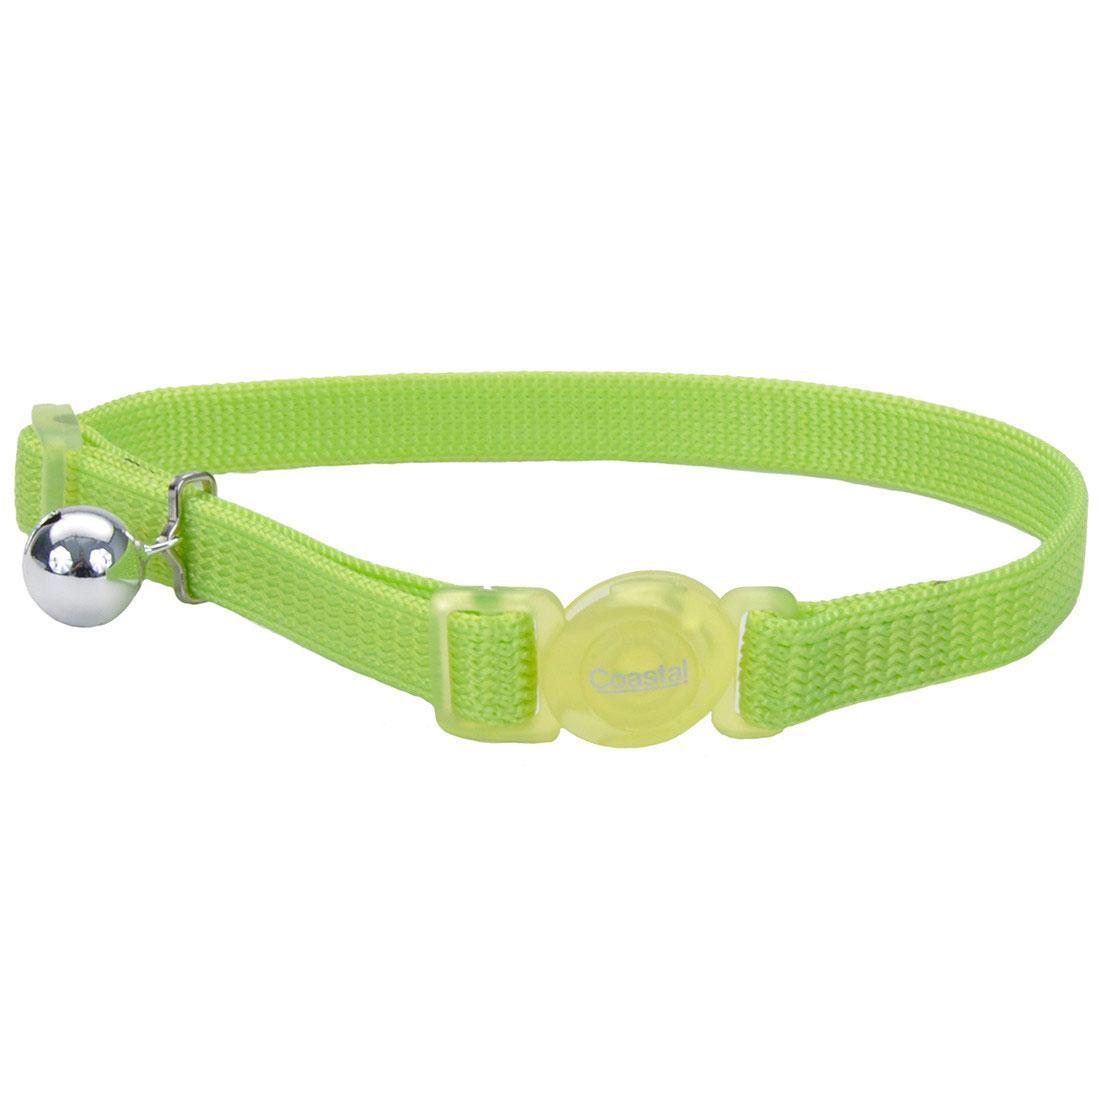 Safe Cat Adjustable Snag-Proof Breakaway Cat Collar, Lime, 3/8-in x 8-12-in